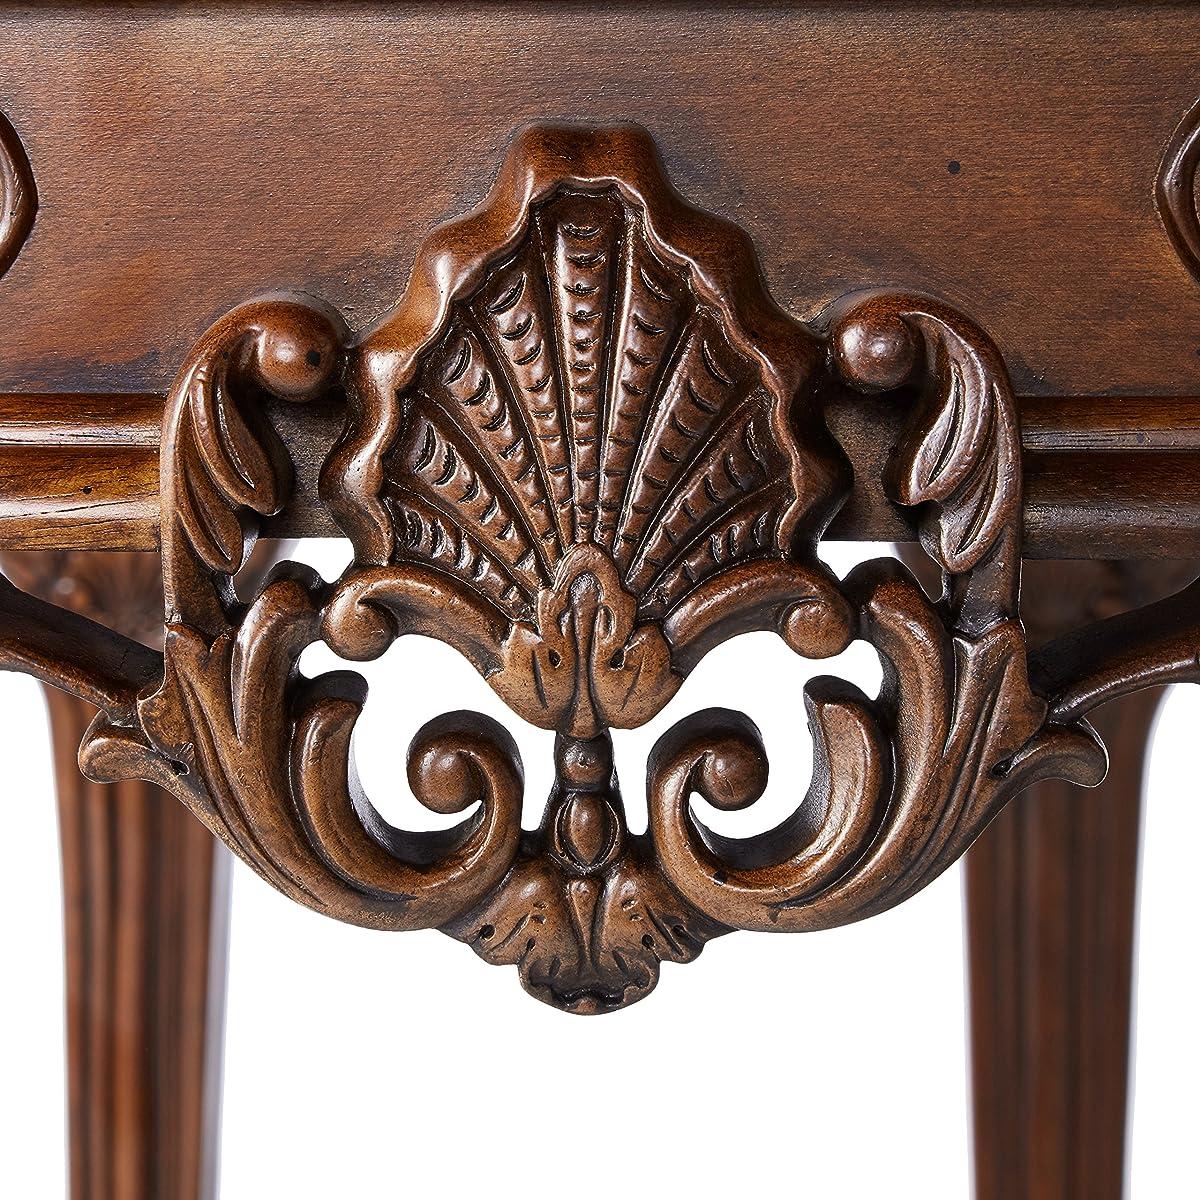 Ashley Furniture Signature Design Casa Mollino Console Sofa Table